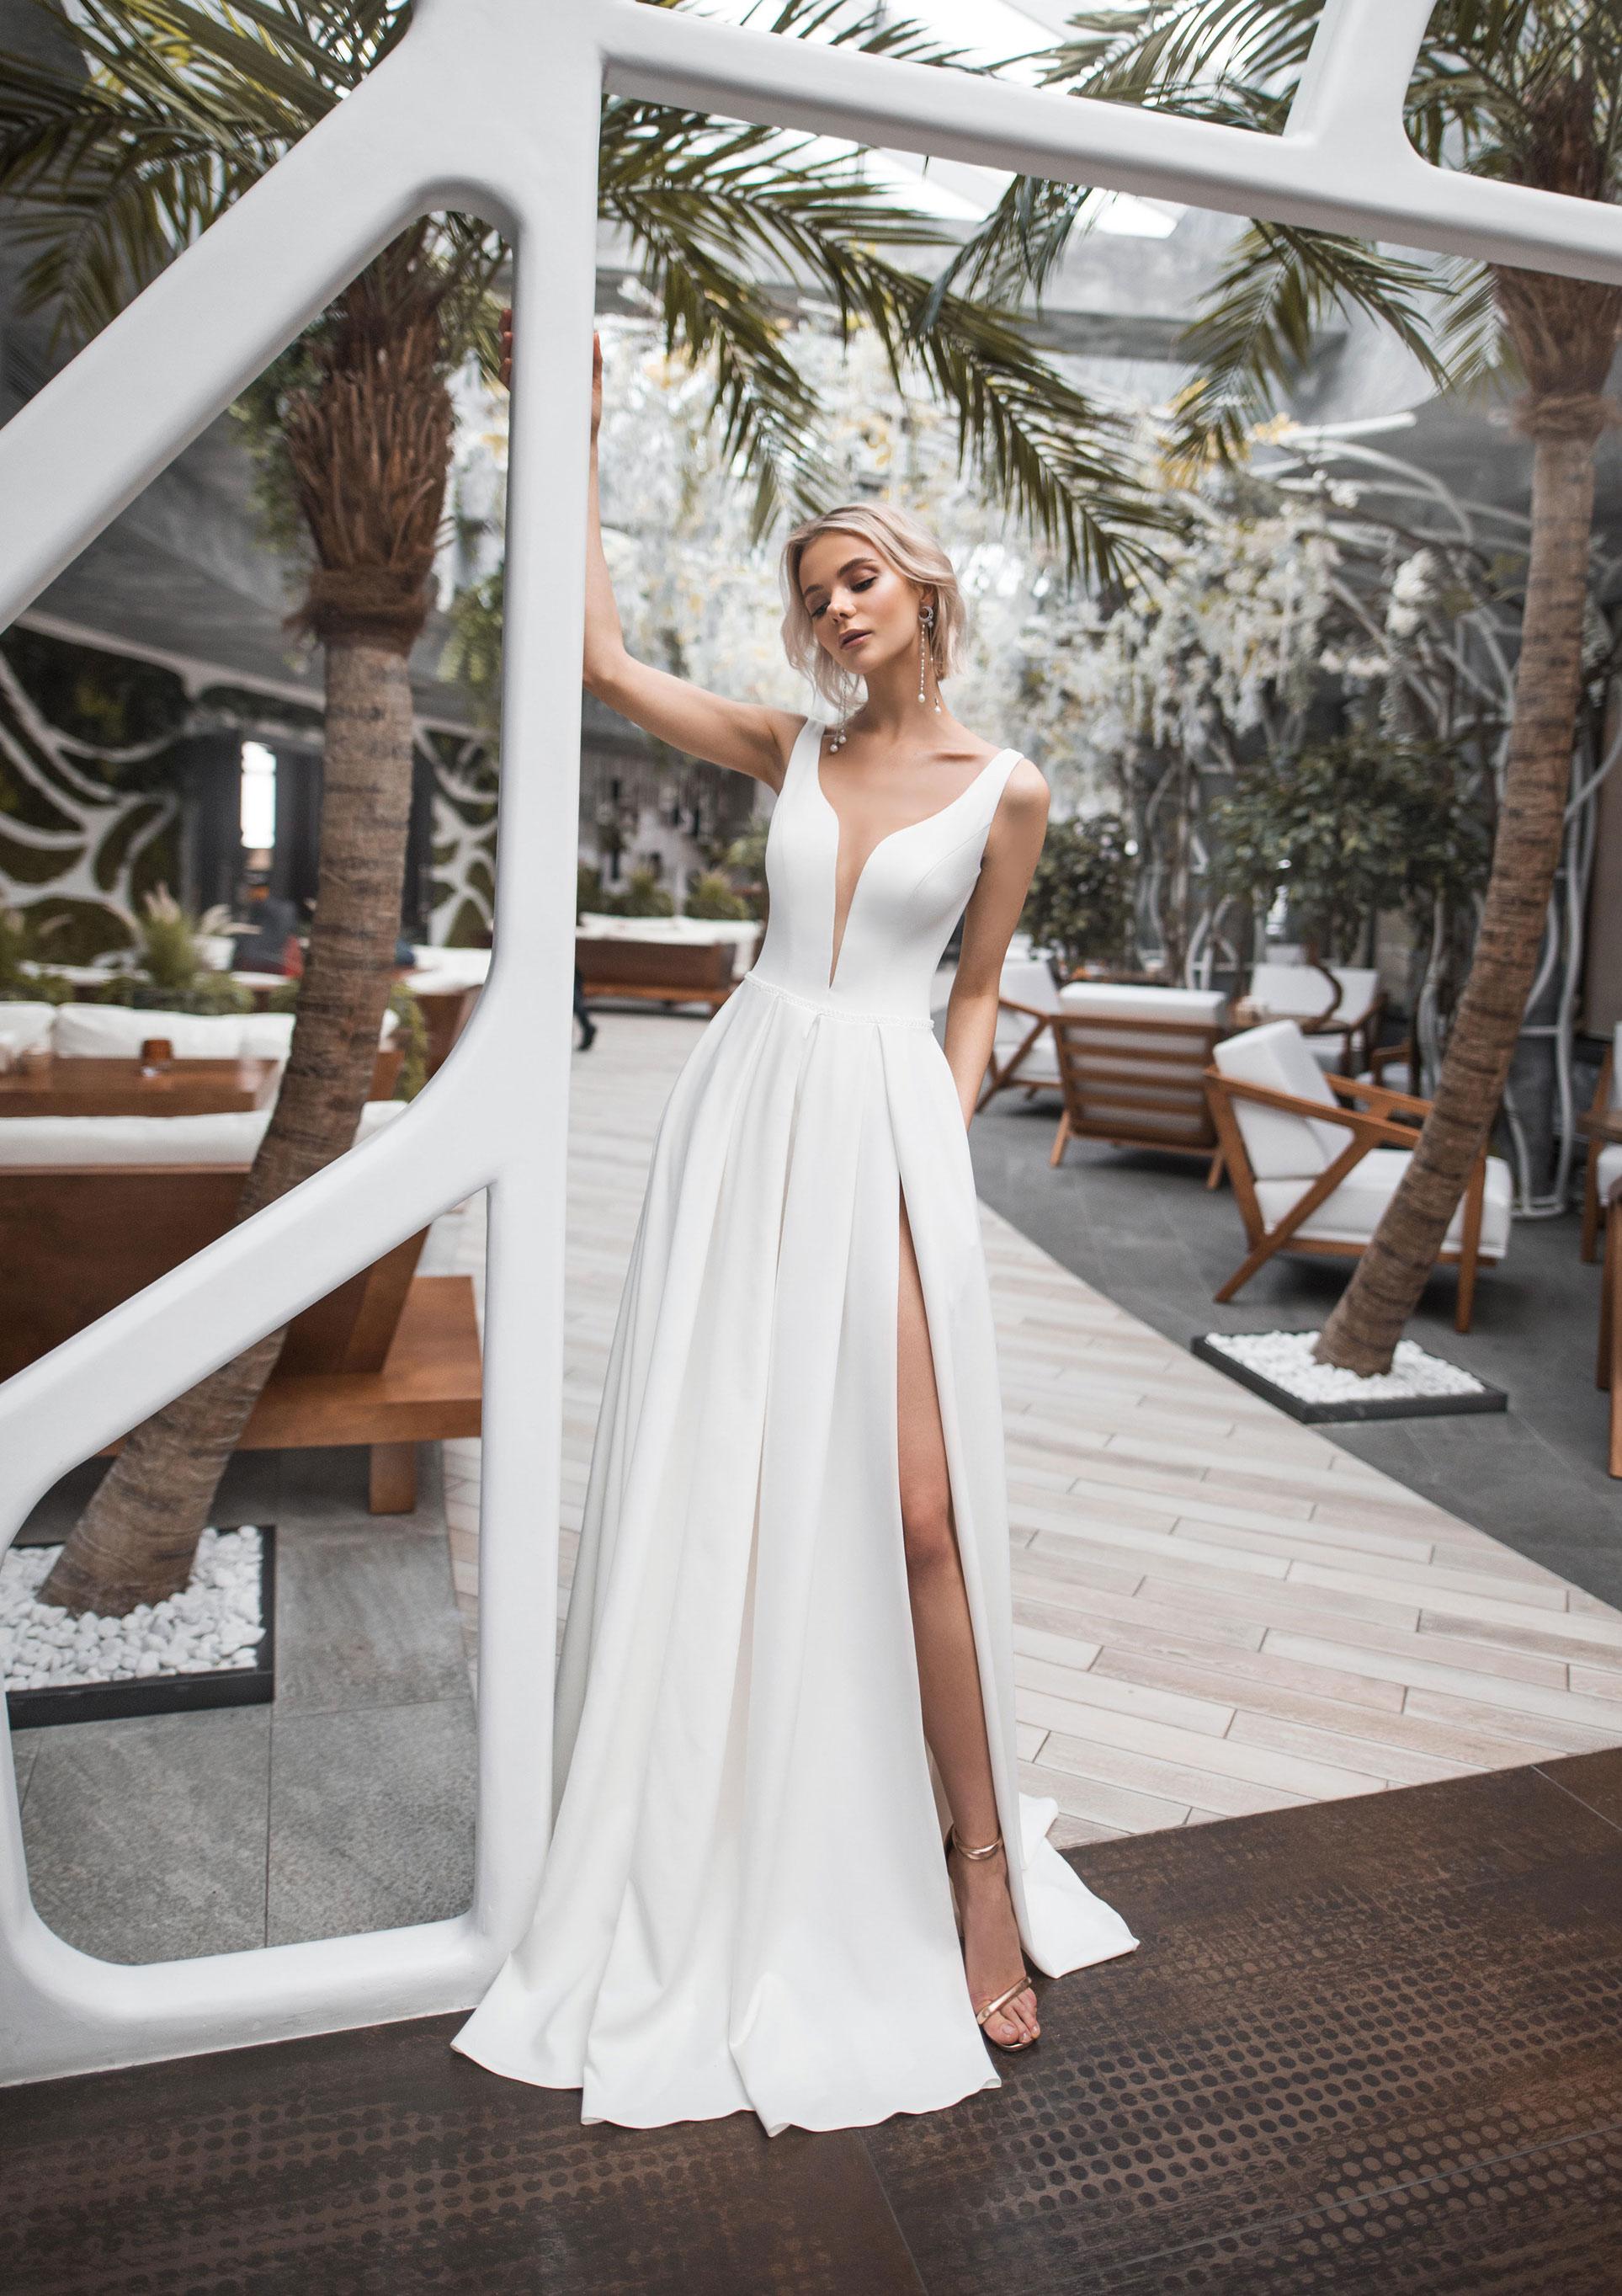 Полина Архипова в свадебных платьях модного бренда Strekoza, весна-лето 2019 / фото 06